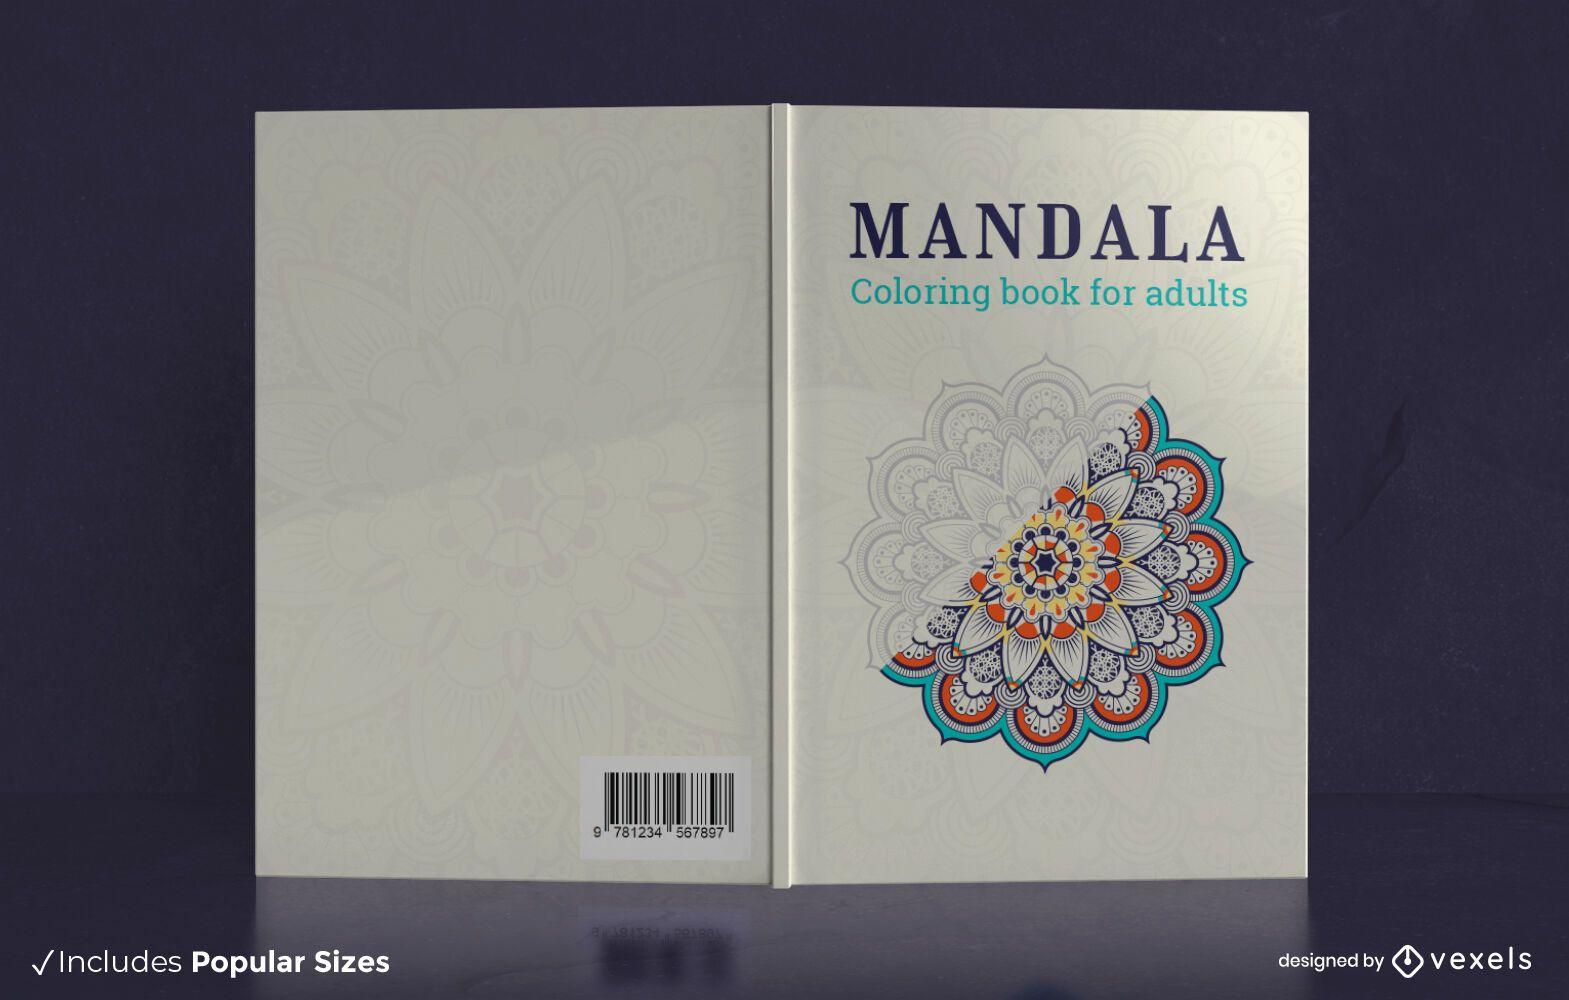 Coloring mandala book cover design